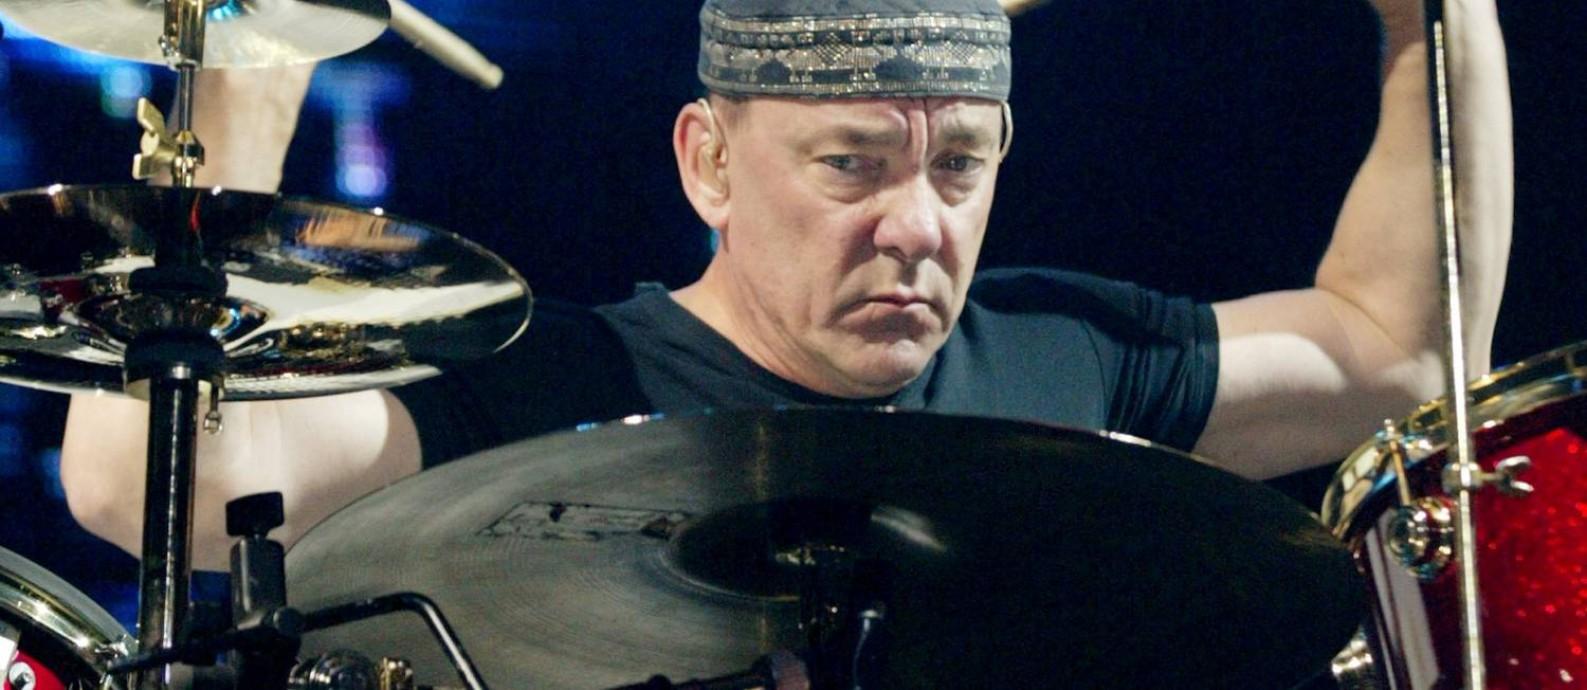 O baterista do Rush, Neil Peart, em show no ano de 2002, na MGM Grand Garden Arena de Las Vegas Foto: Ethan Miller / REUTERS